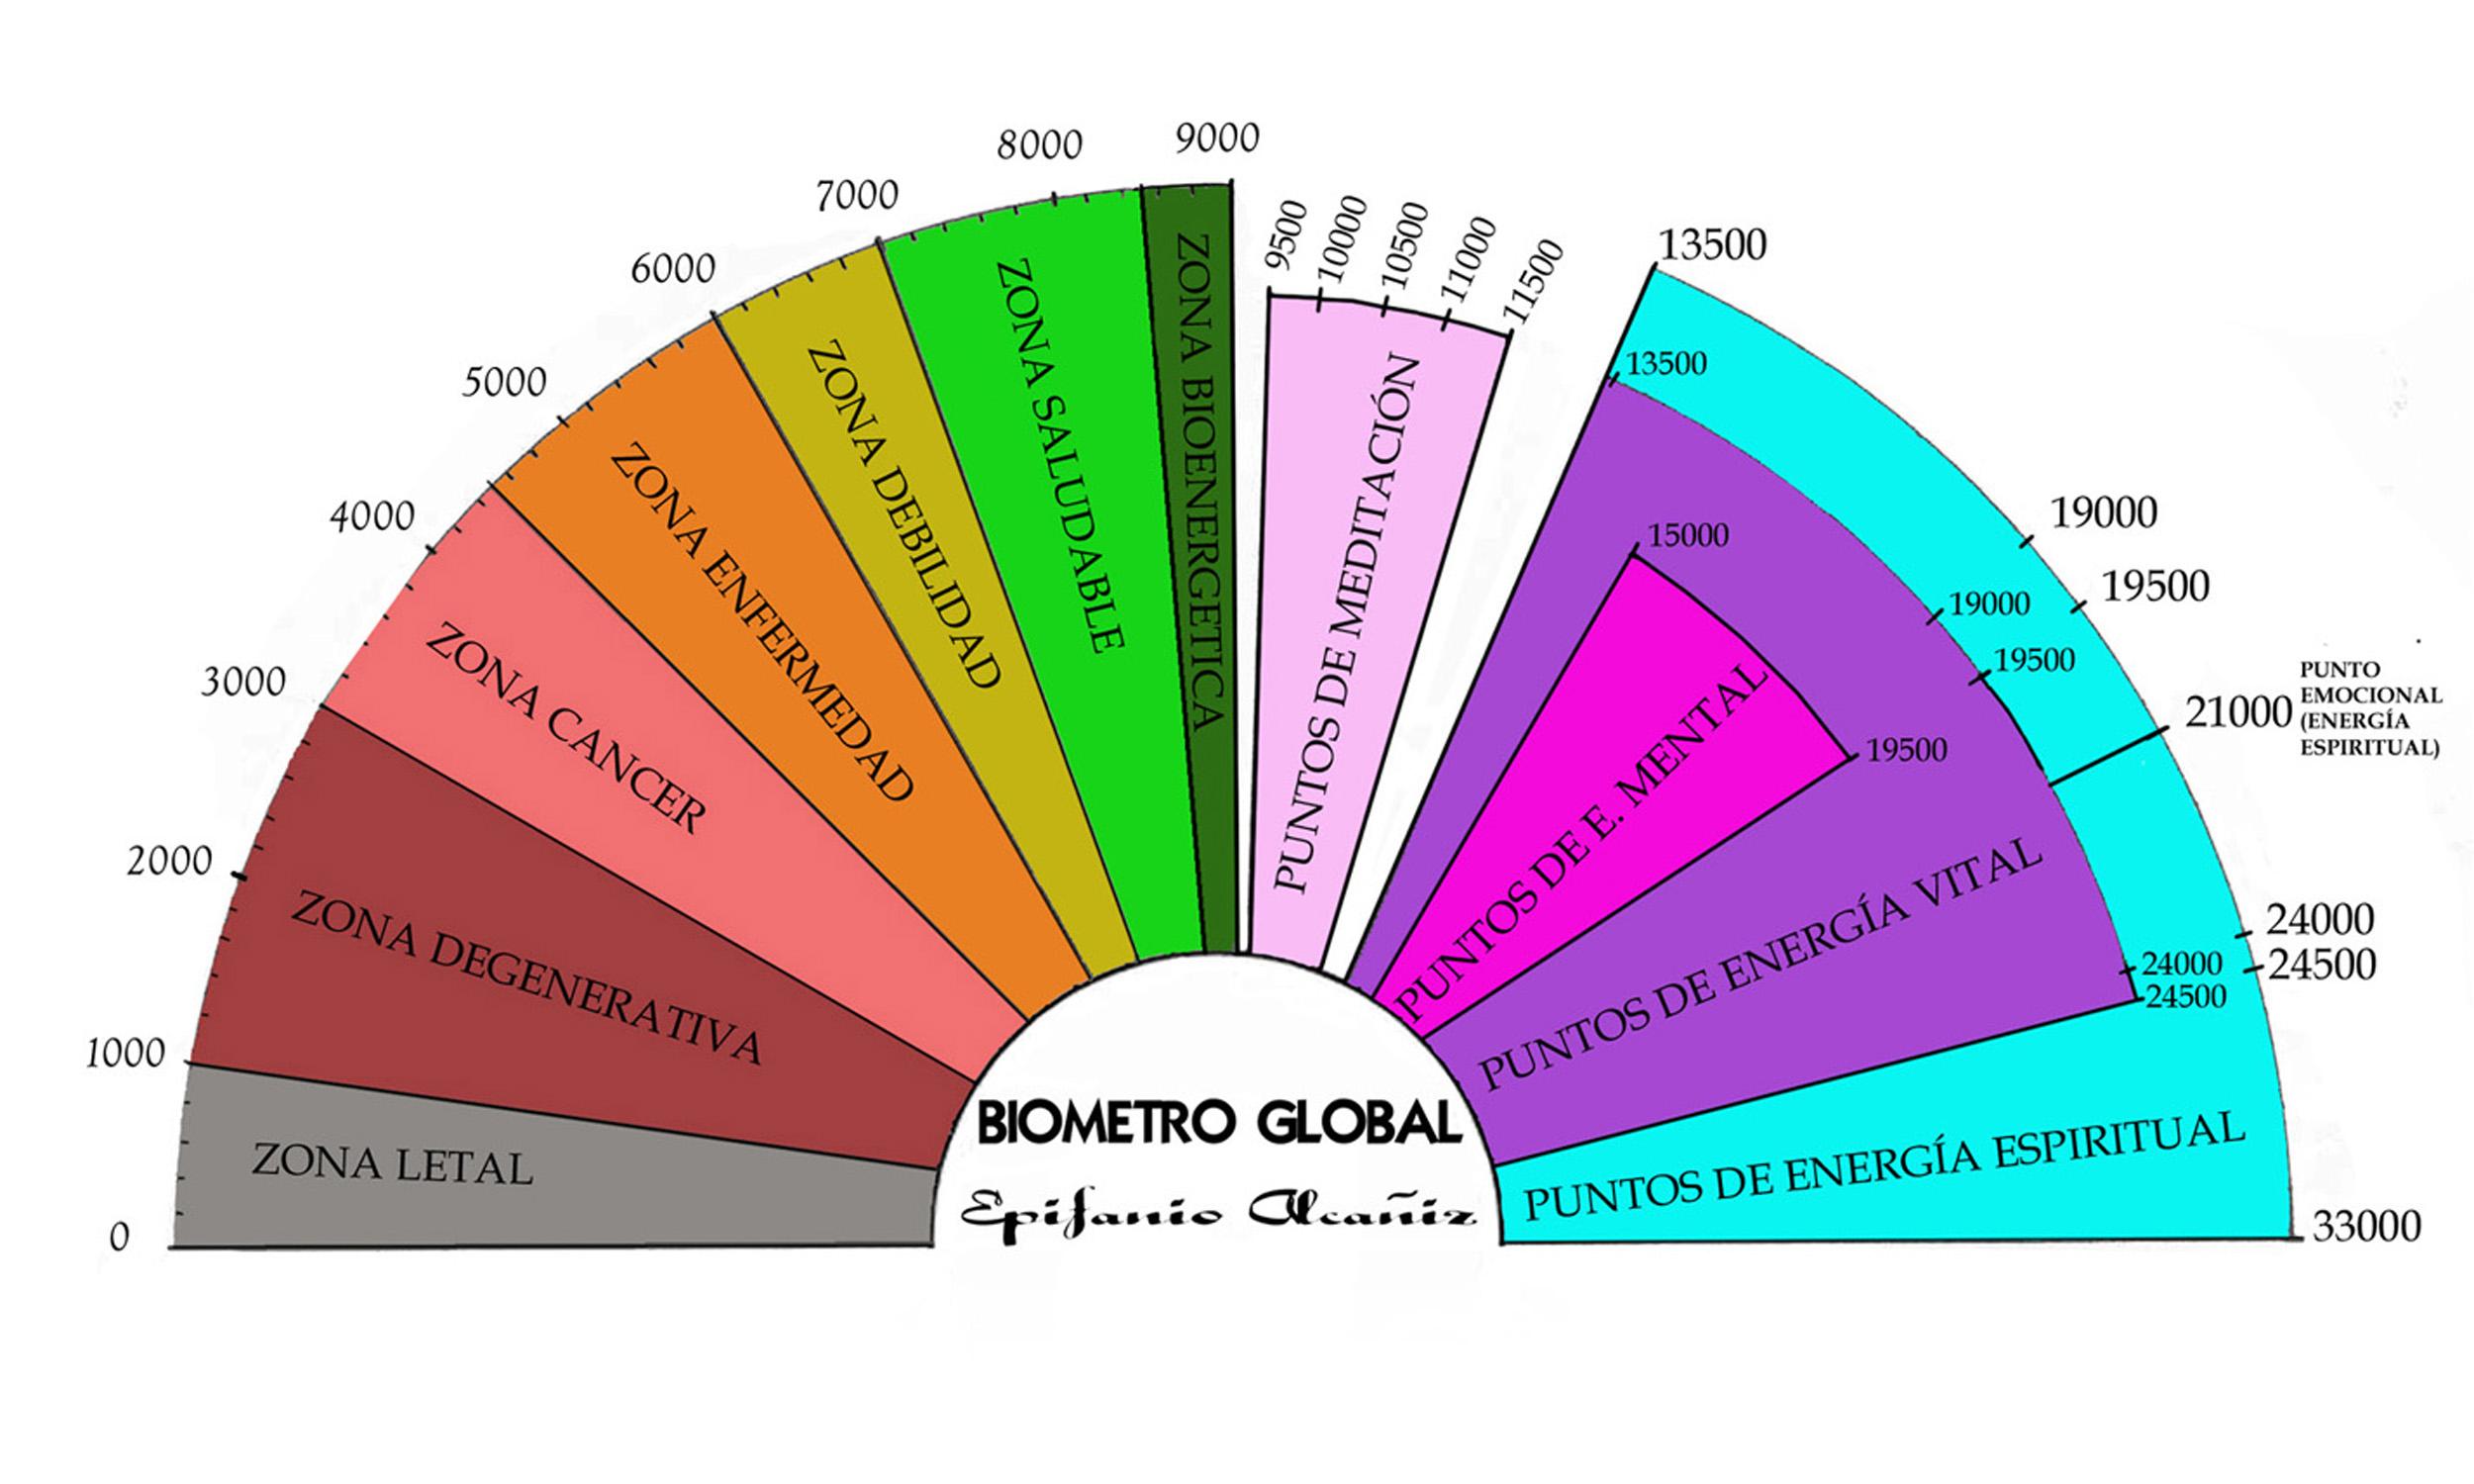 BIOMETRO  (ZONAS DE ENFERMEDADES Y VIBRACIONES ) El%20biometro%20global